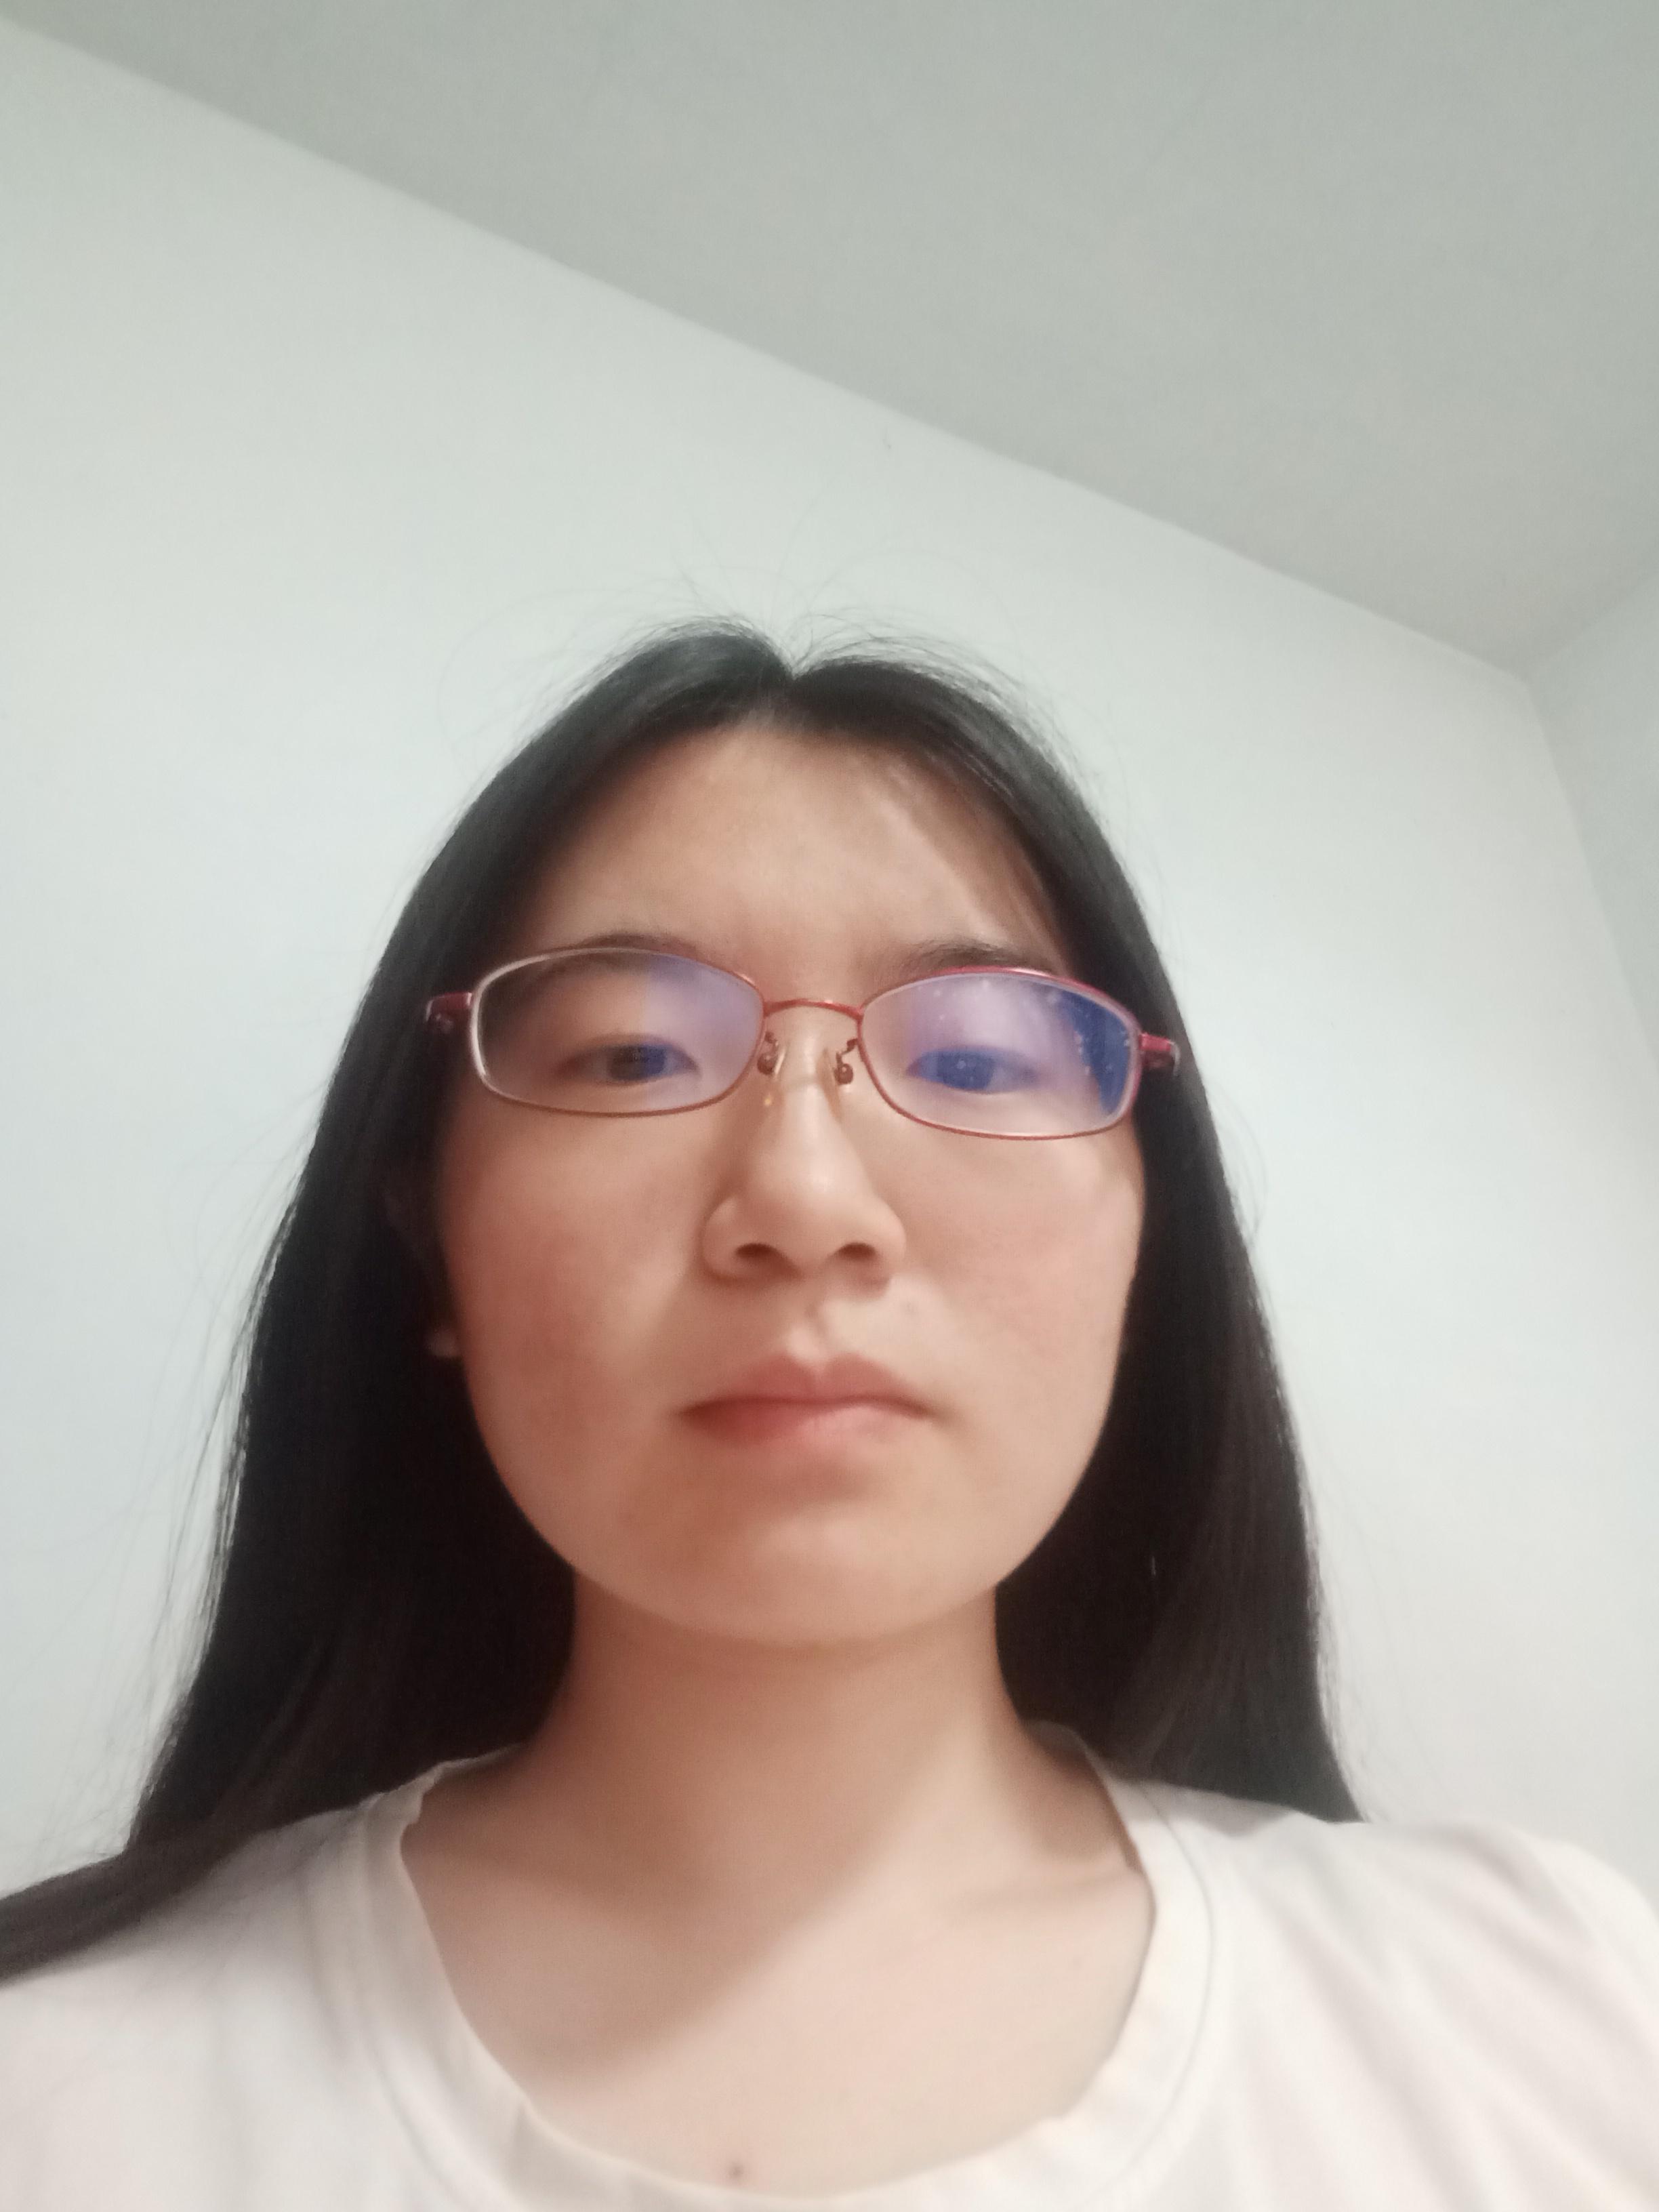 天津家教刘教员